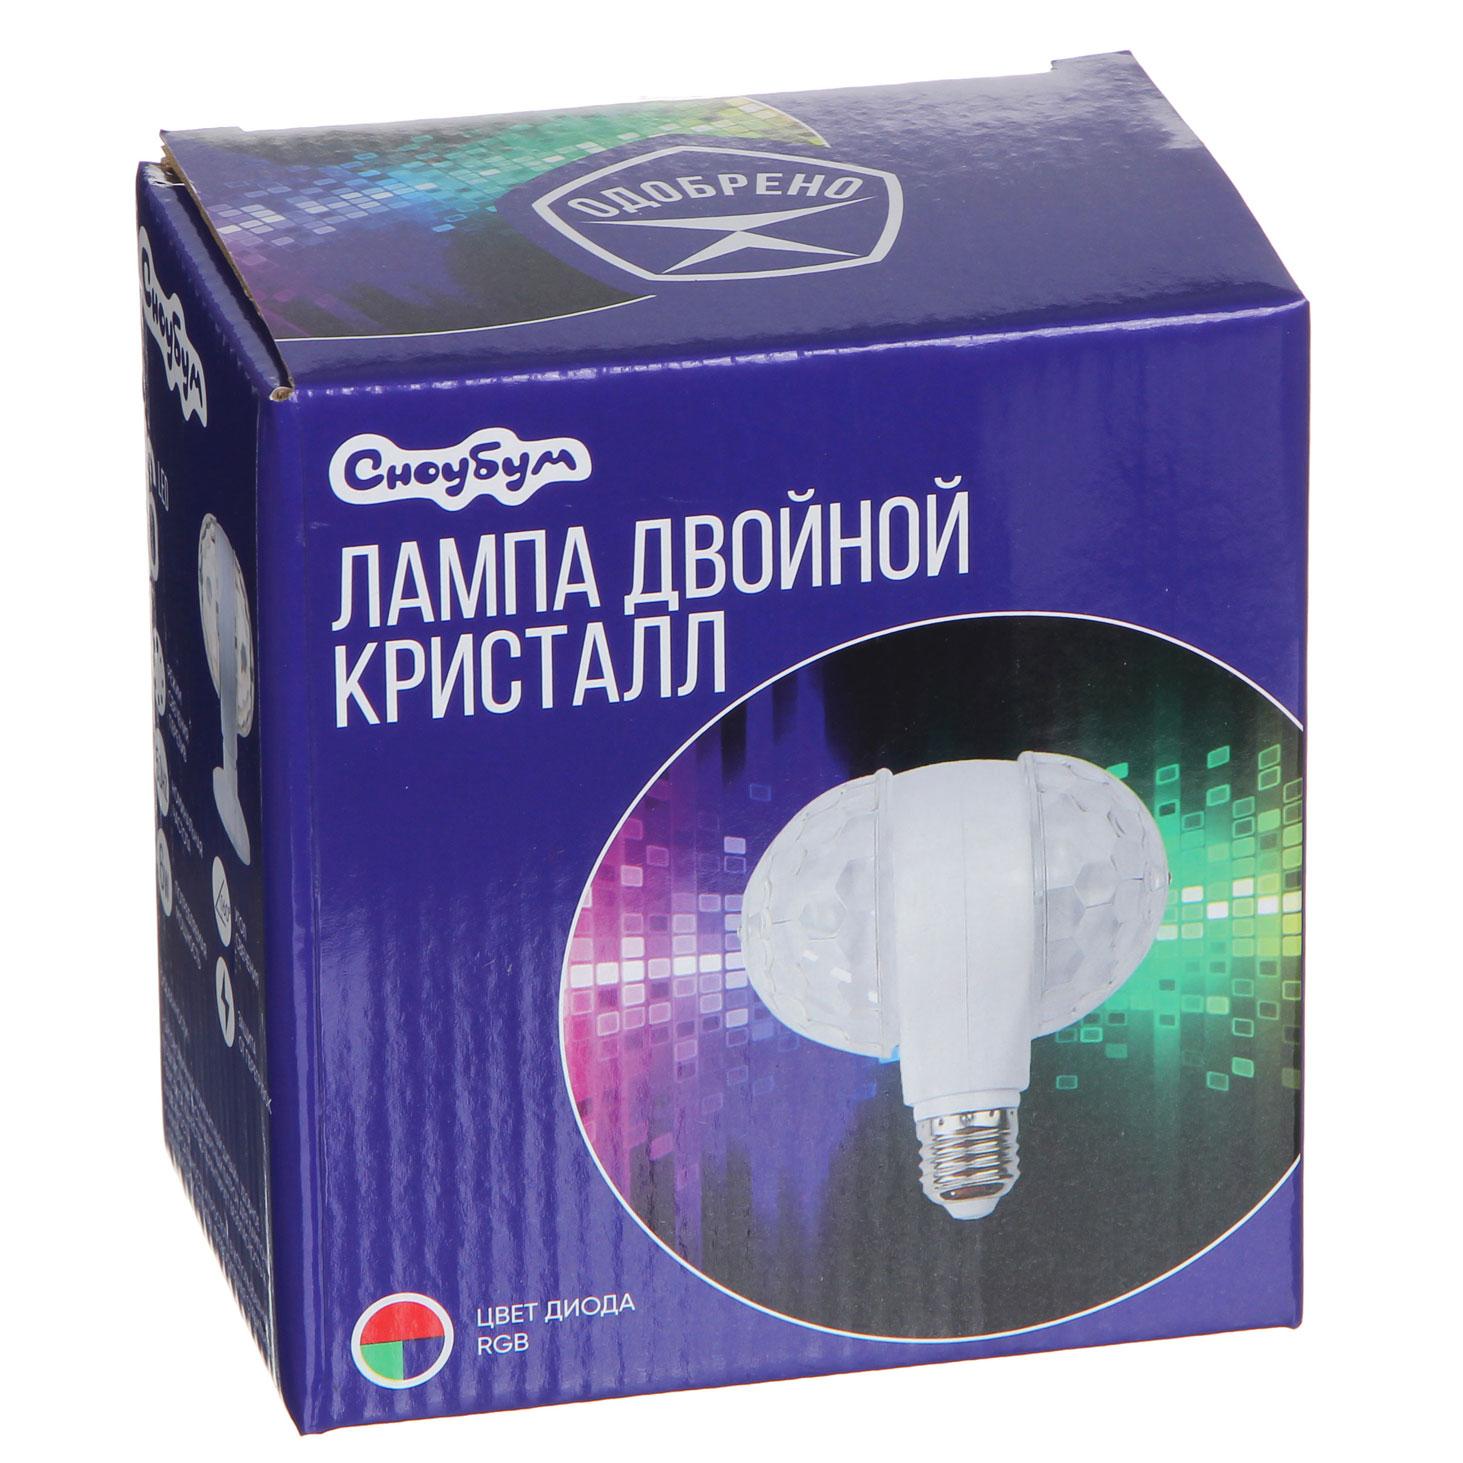 Лампа-кристалл двойной СНОУ БУМ 12х12 см, 6LED, RGB, в патрон Е27, пластик, 220В